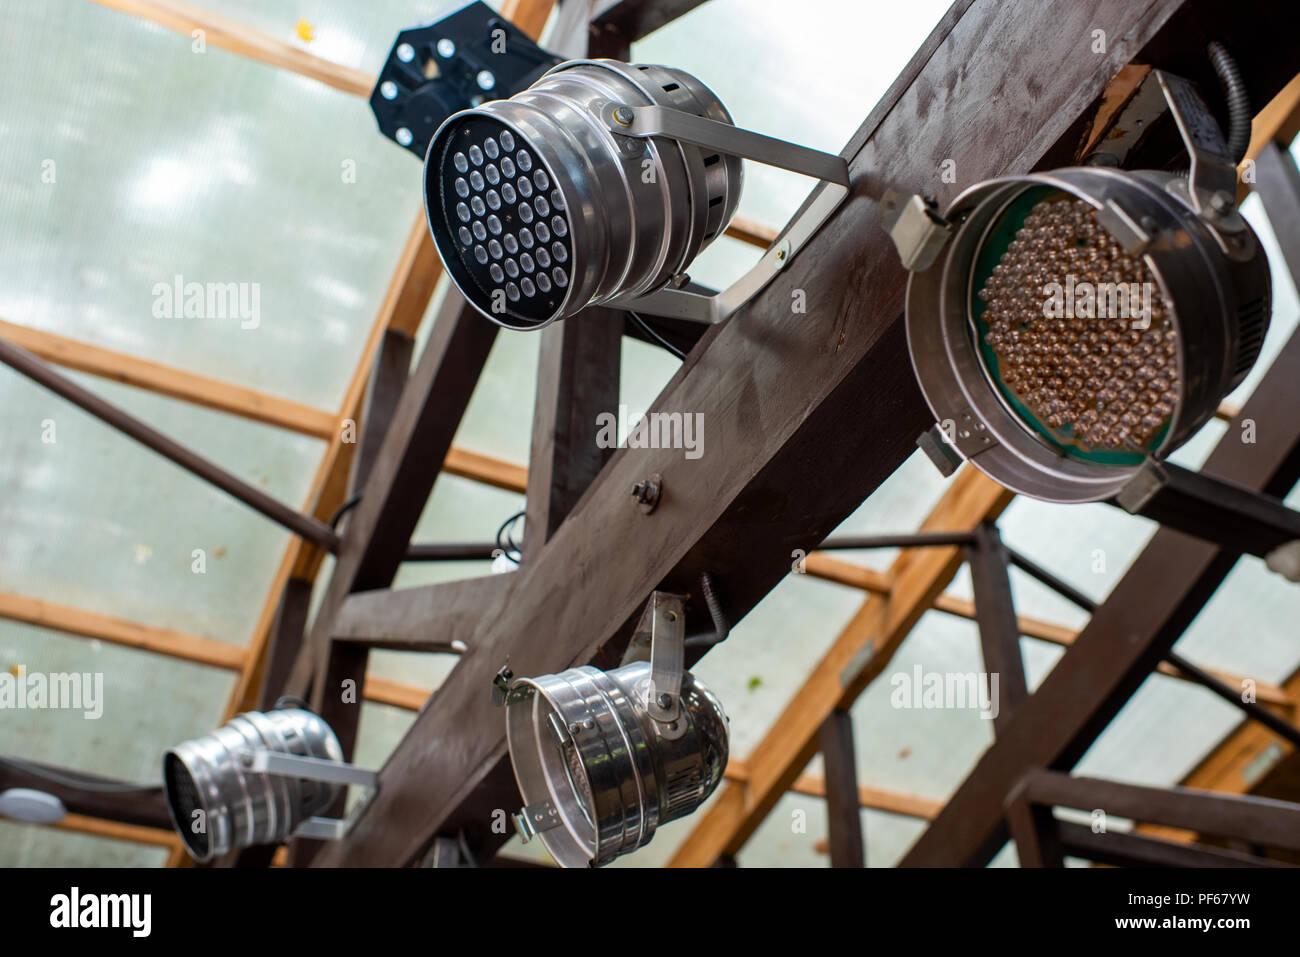 Chromed concert LED lamps - Stock Image